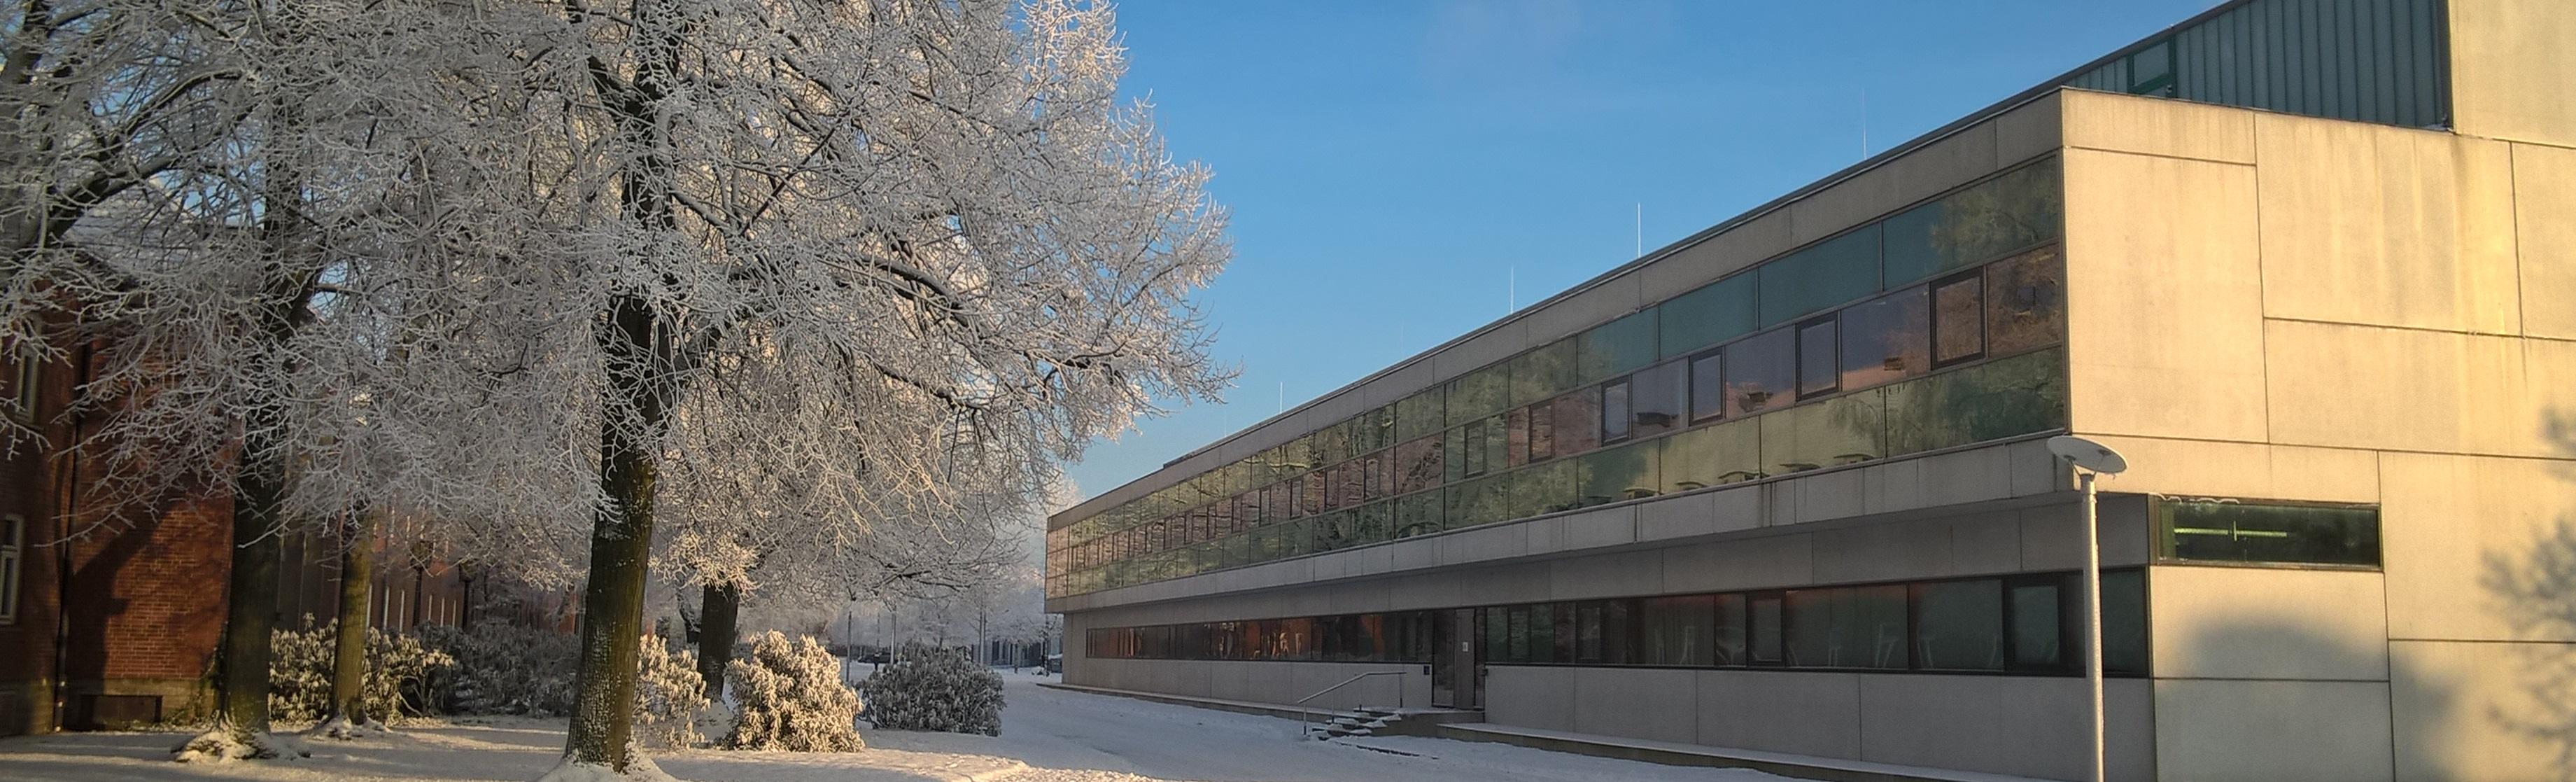 2016-01-lab-schnee-12